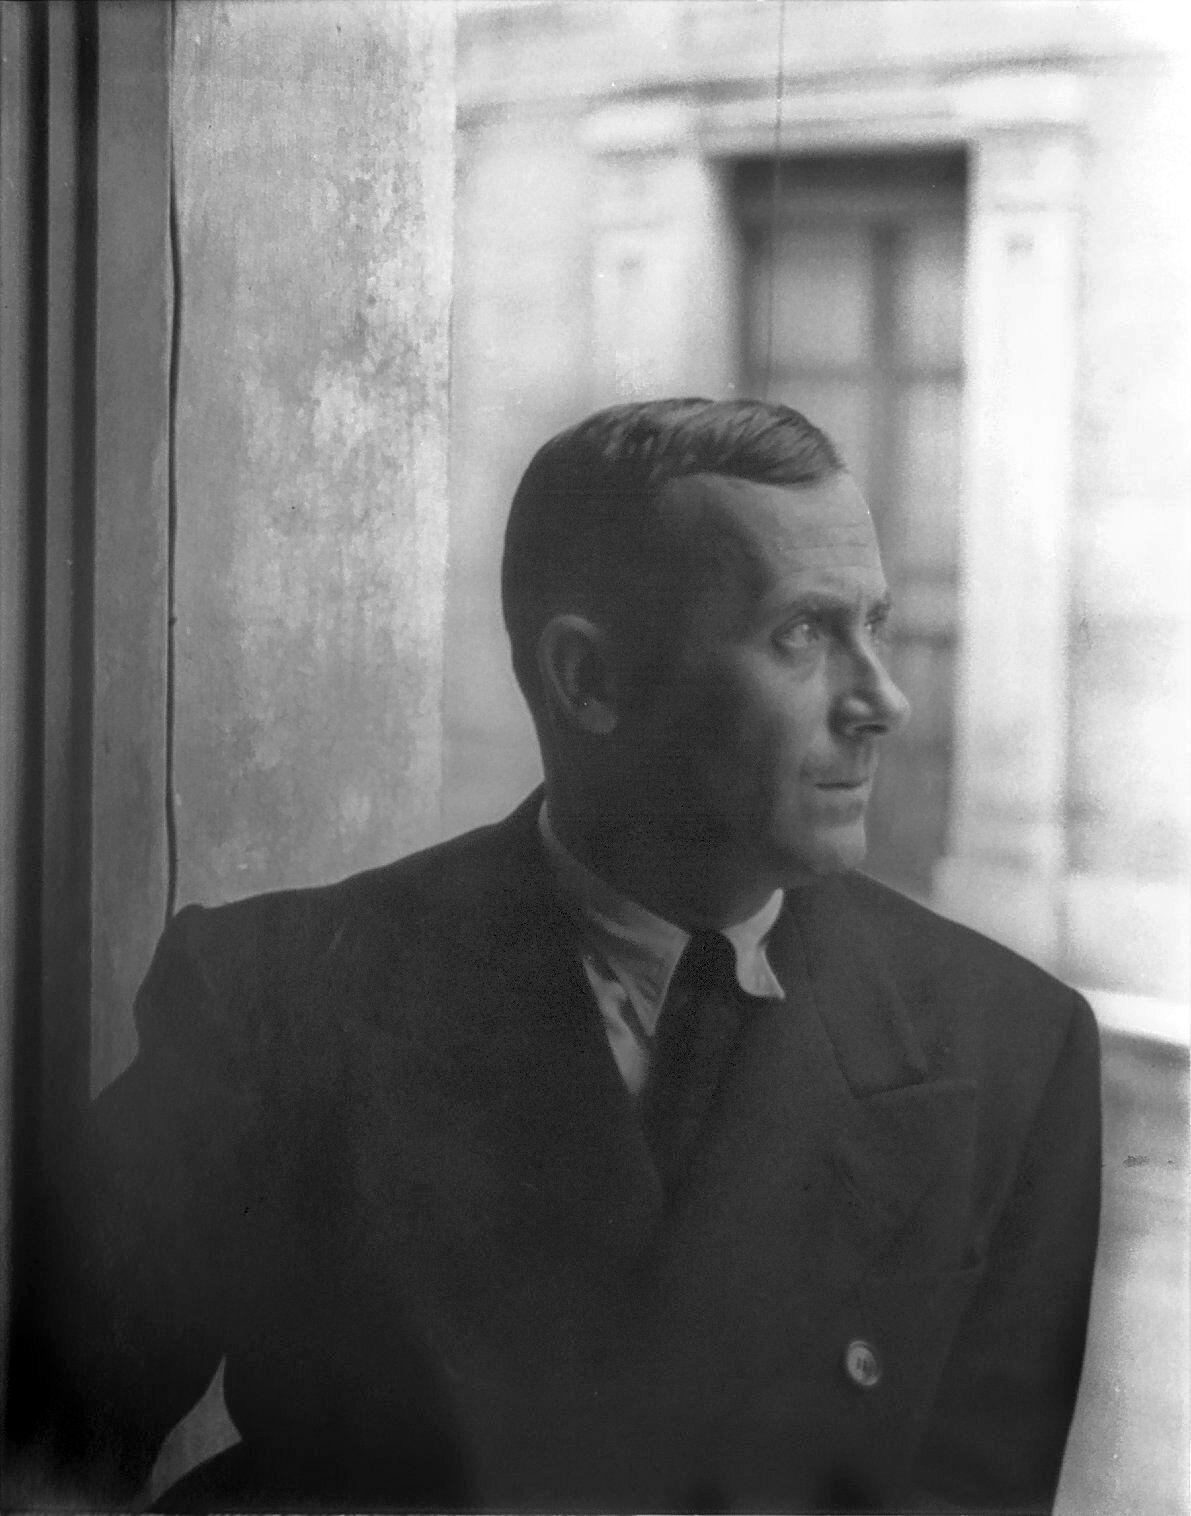 Carl Van Vechten, Portrait of Joan Miro, Barcelona, 1935. Image via Wikimedia Commons.